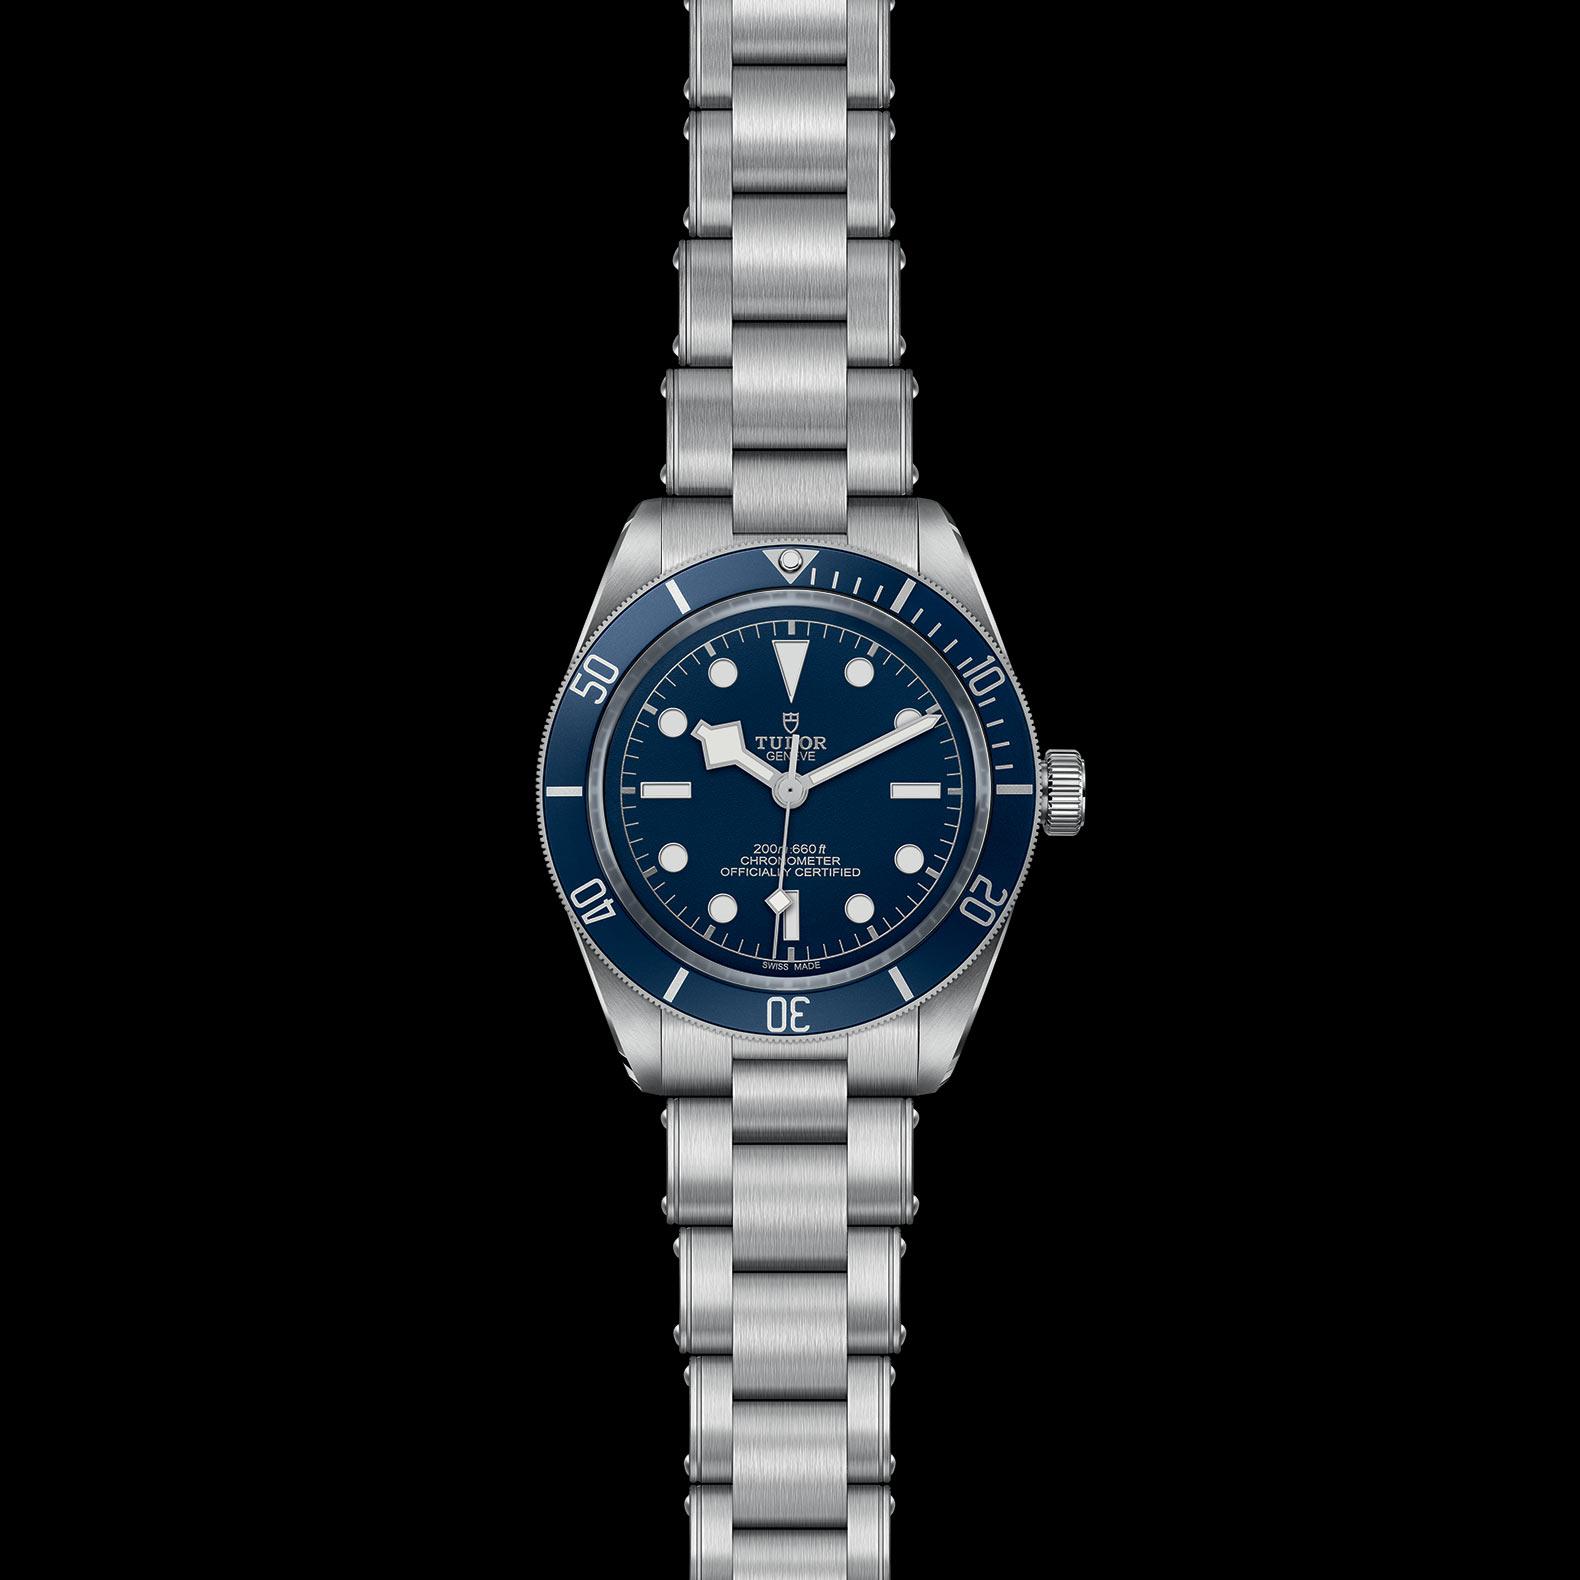 Reloj Tudor Black Bay Fifty-eight Automático en acero con esfera y bisel color azul.